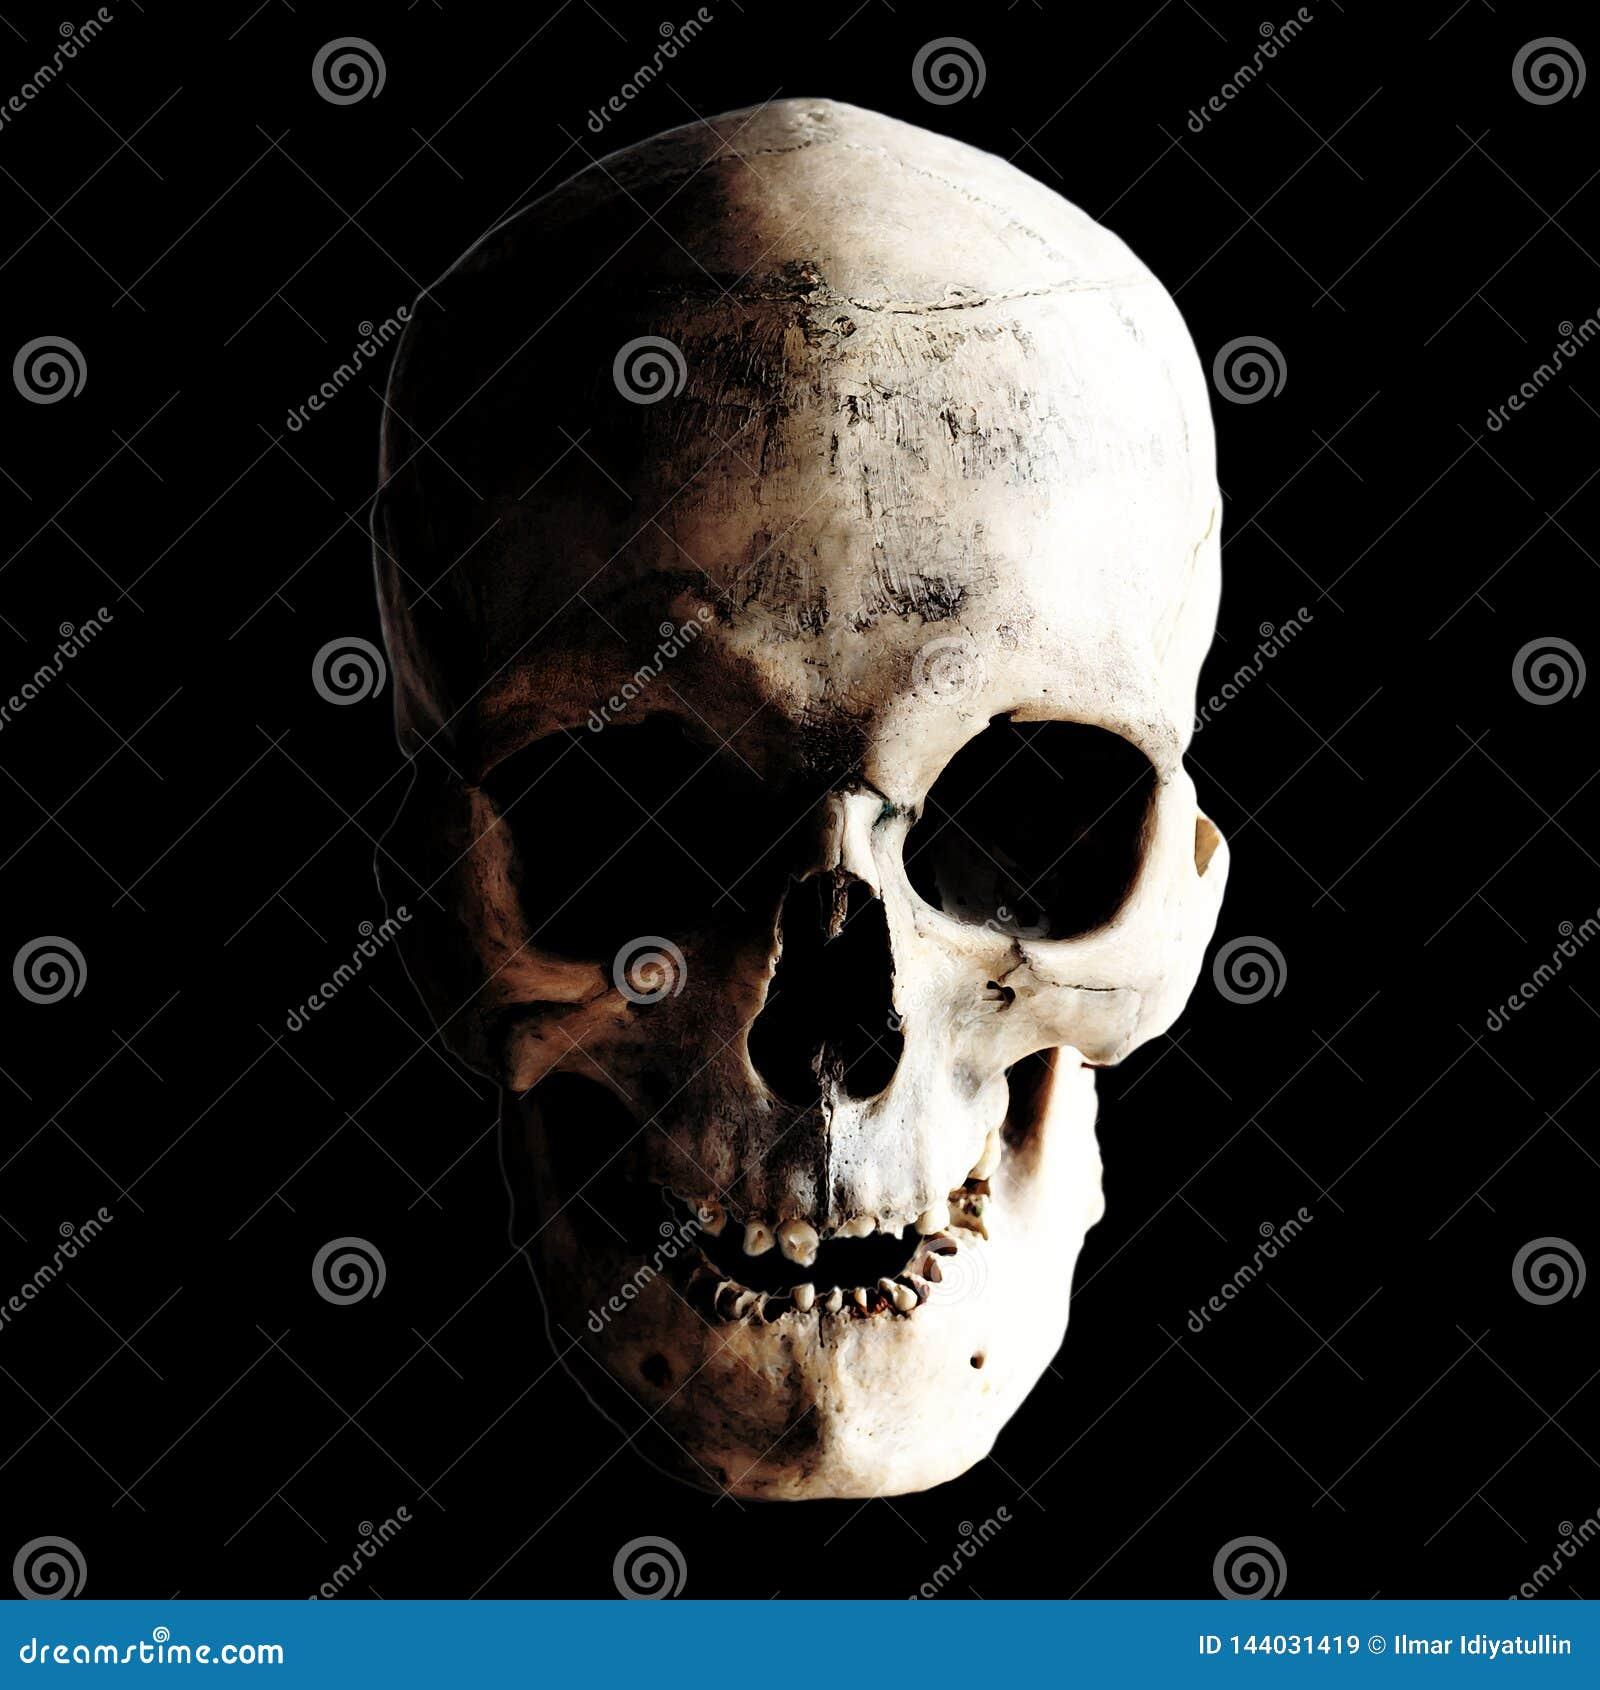 Contrastbeeld van een echte menselijke schedel op een donkere achtergrond Geïsoleerd op Zwarte